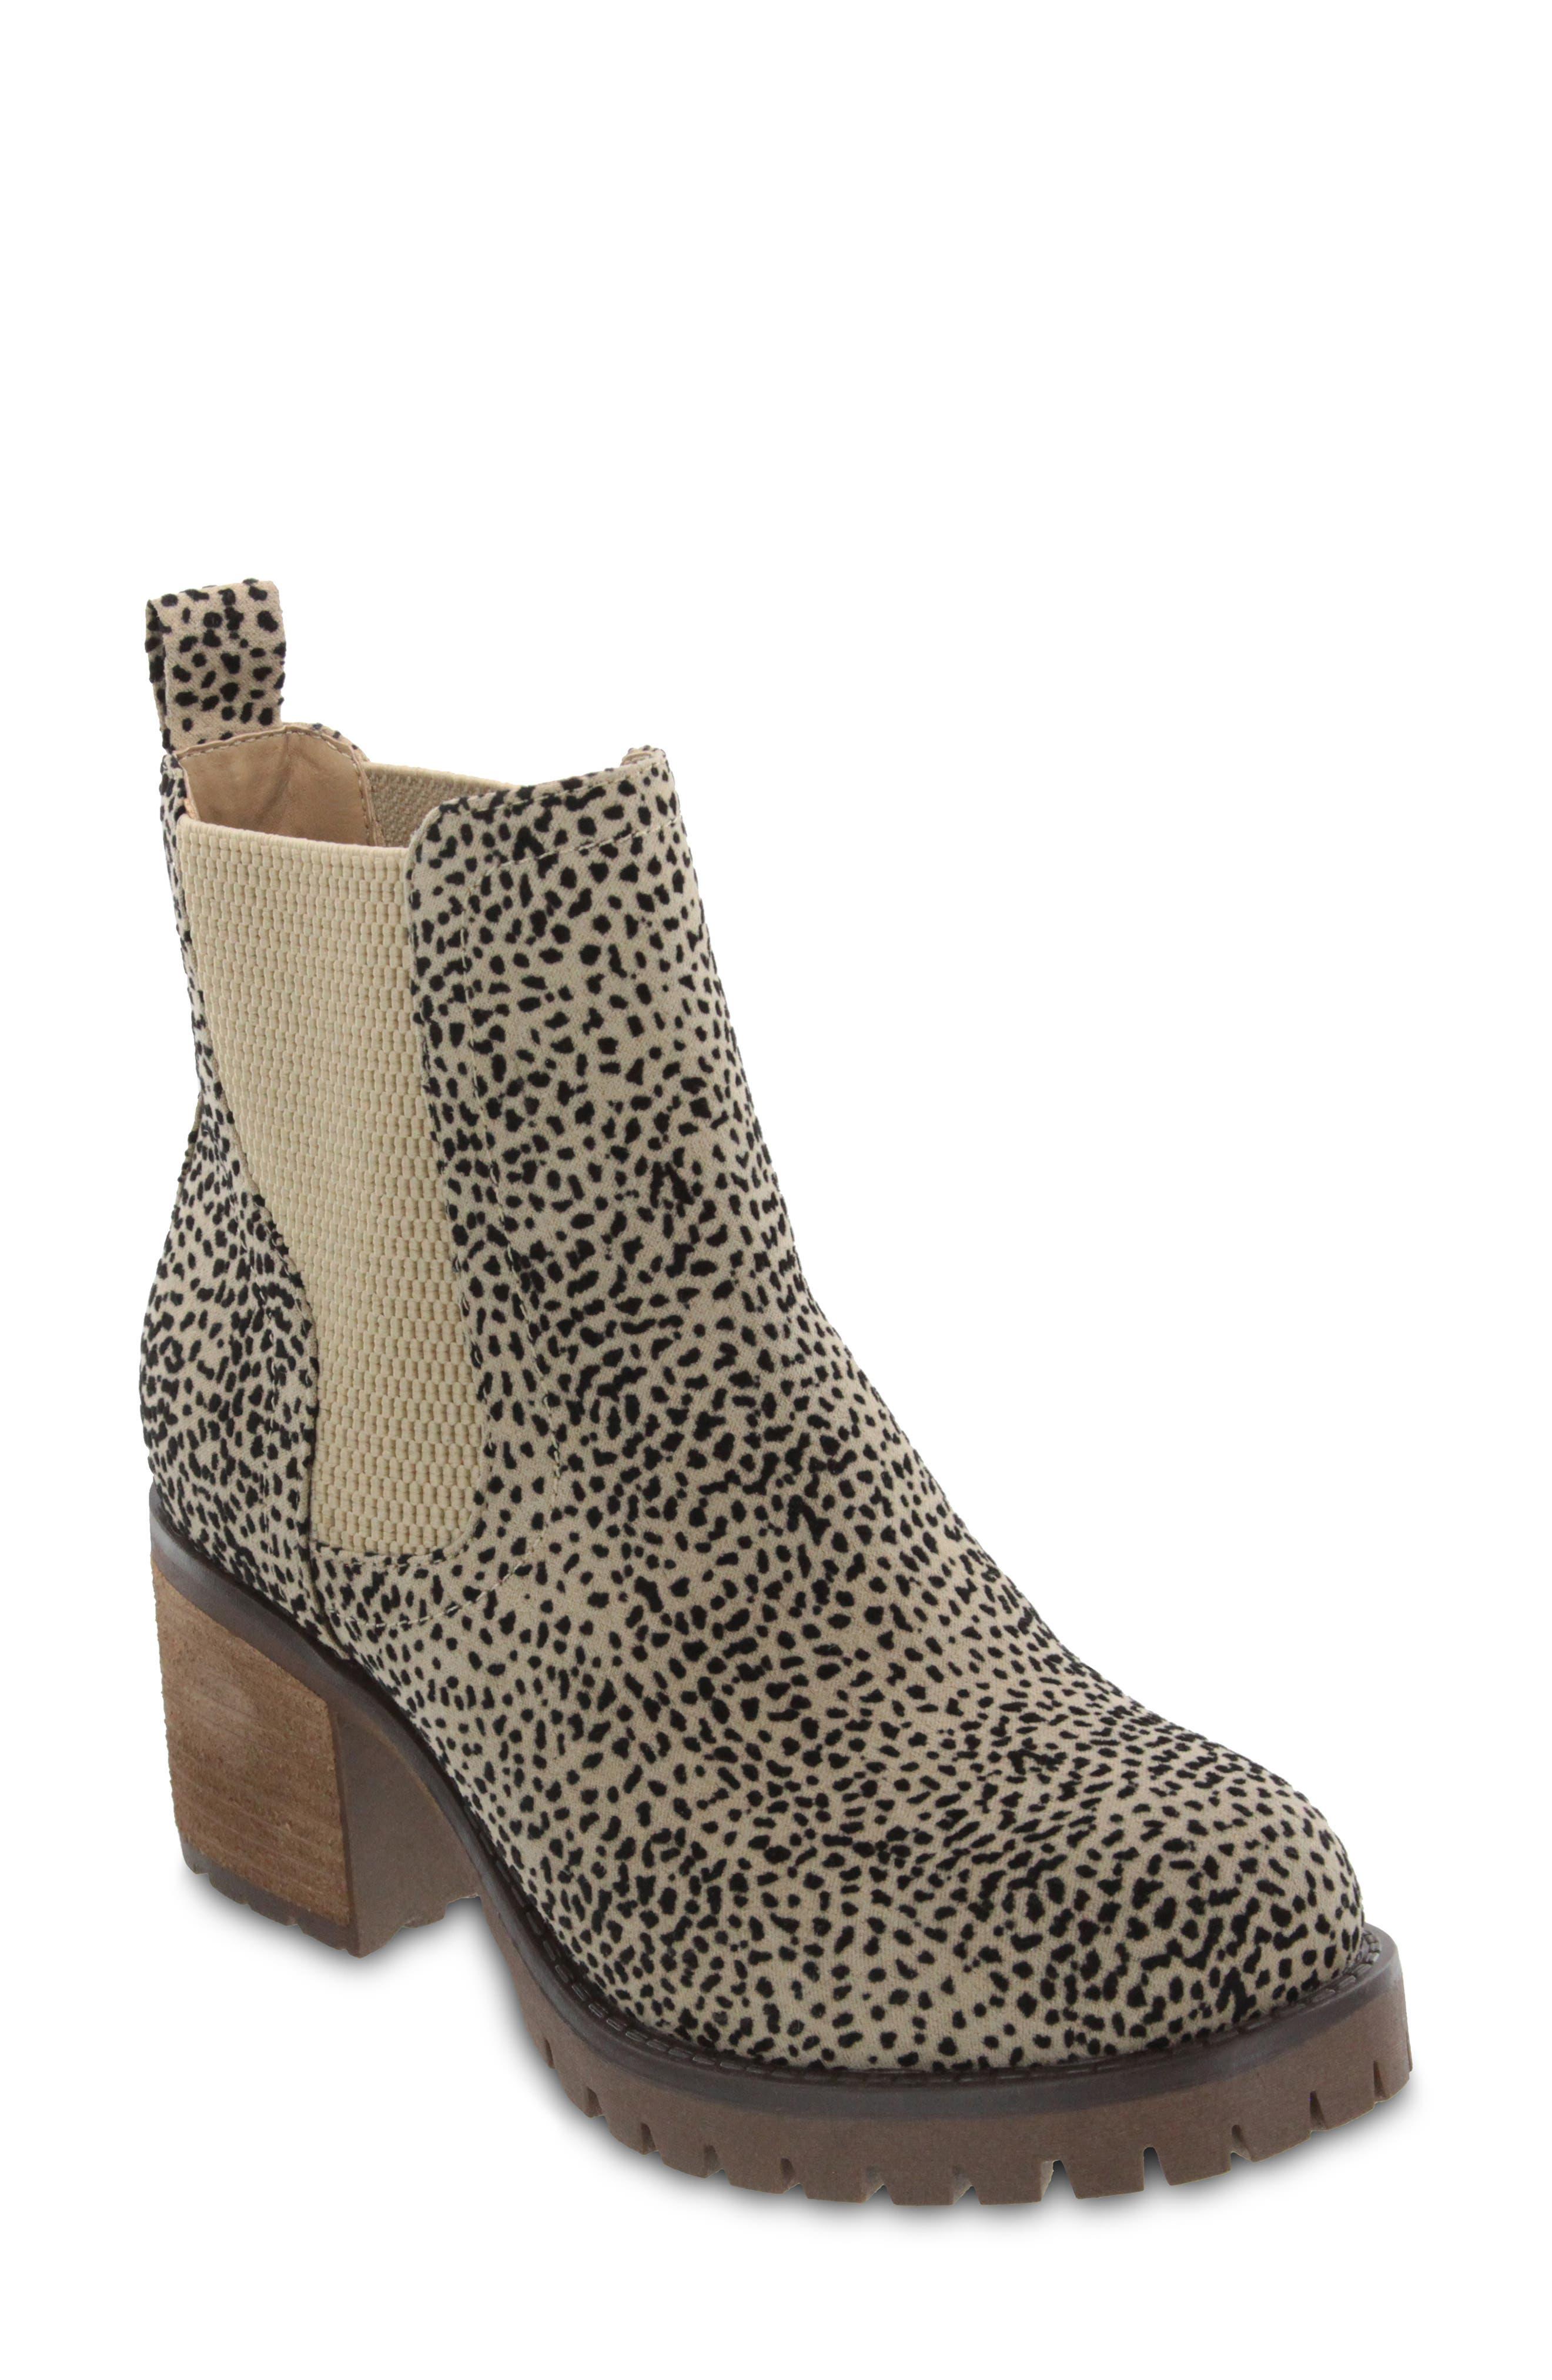 Jonna Chelsea Boot